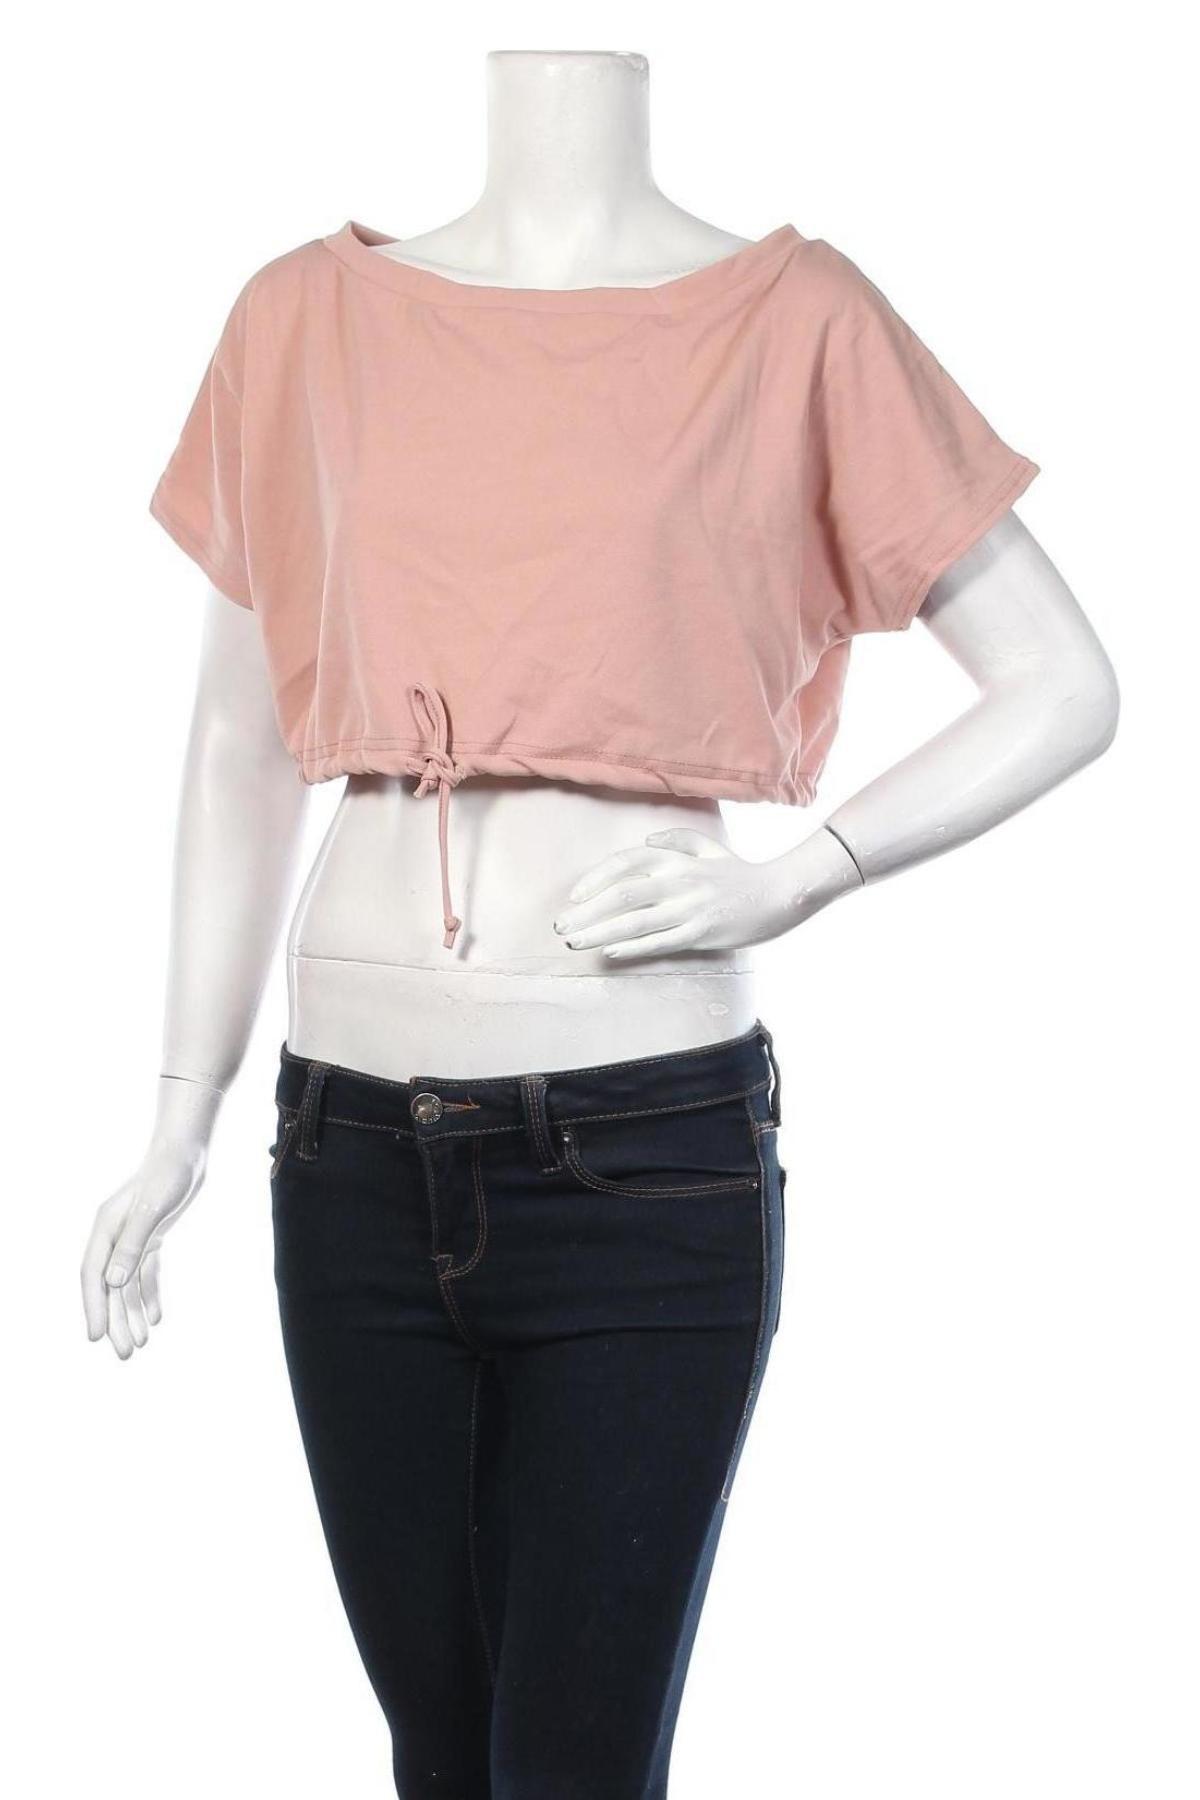 Дамска блуза Stylewise, Размер S, Цвят Розов, 95% полиестер, 5% еластан, Цена 13,00лв.